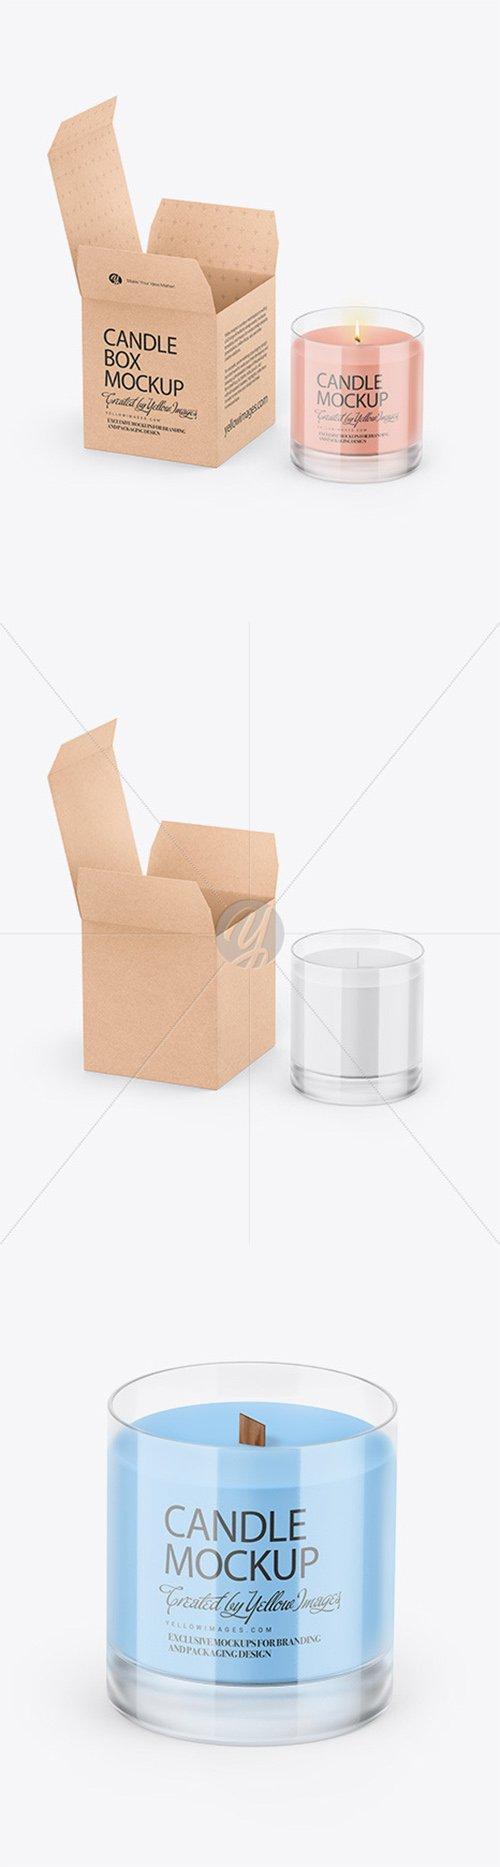 Candle W/ Kraft Box Mockup 64678